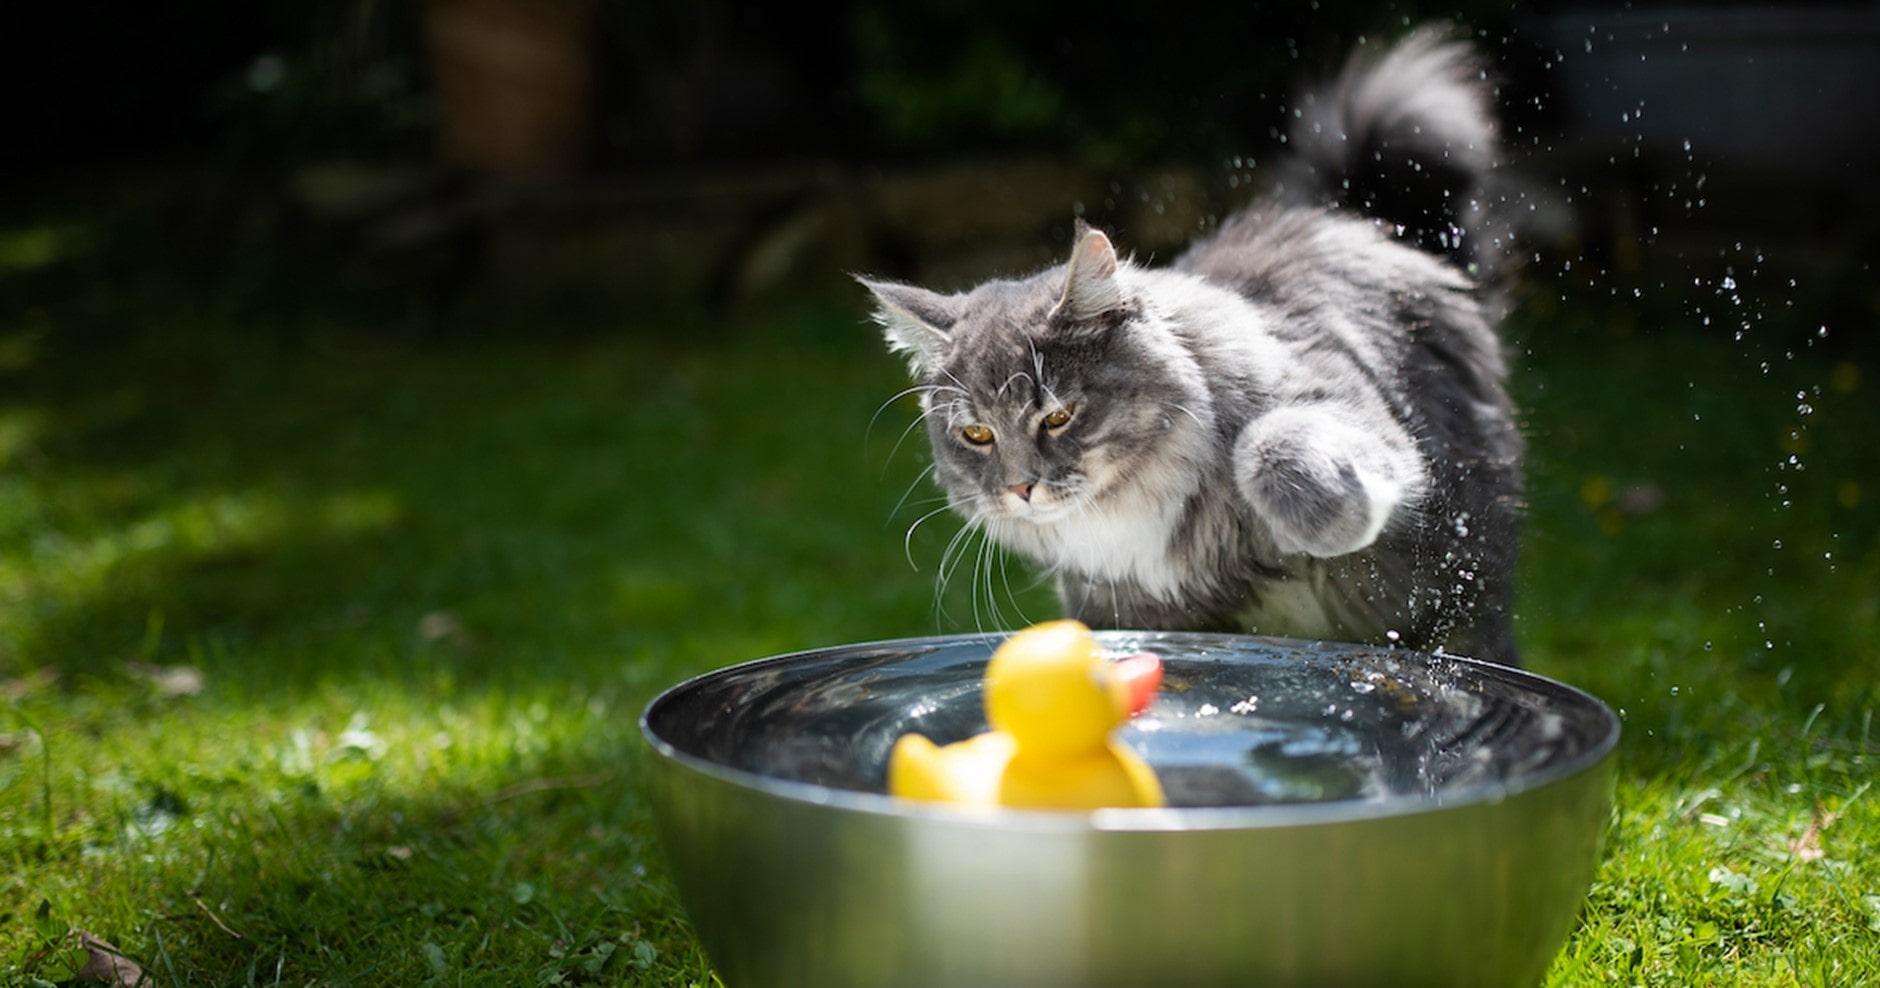 Katze spielt mit dem Wasser und einer Spielzeugente